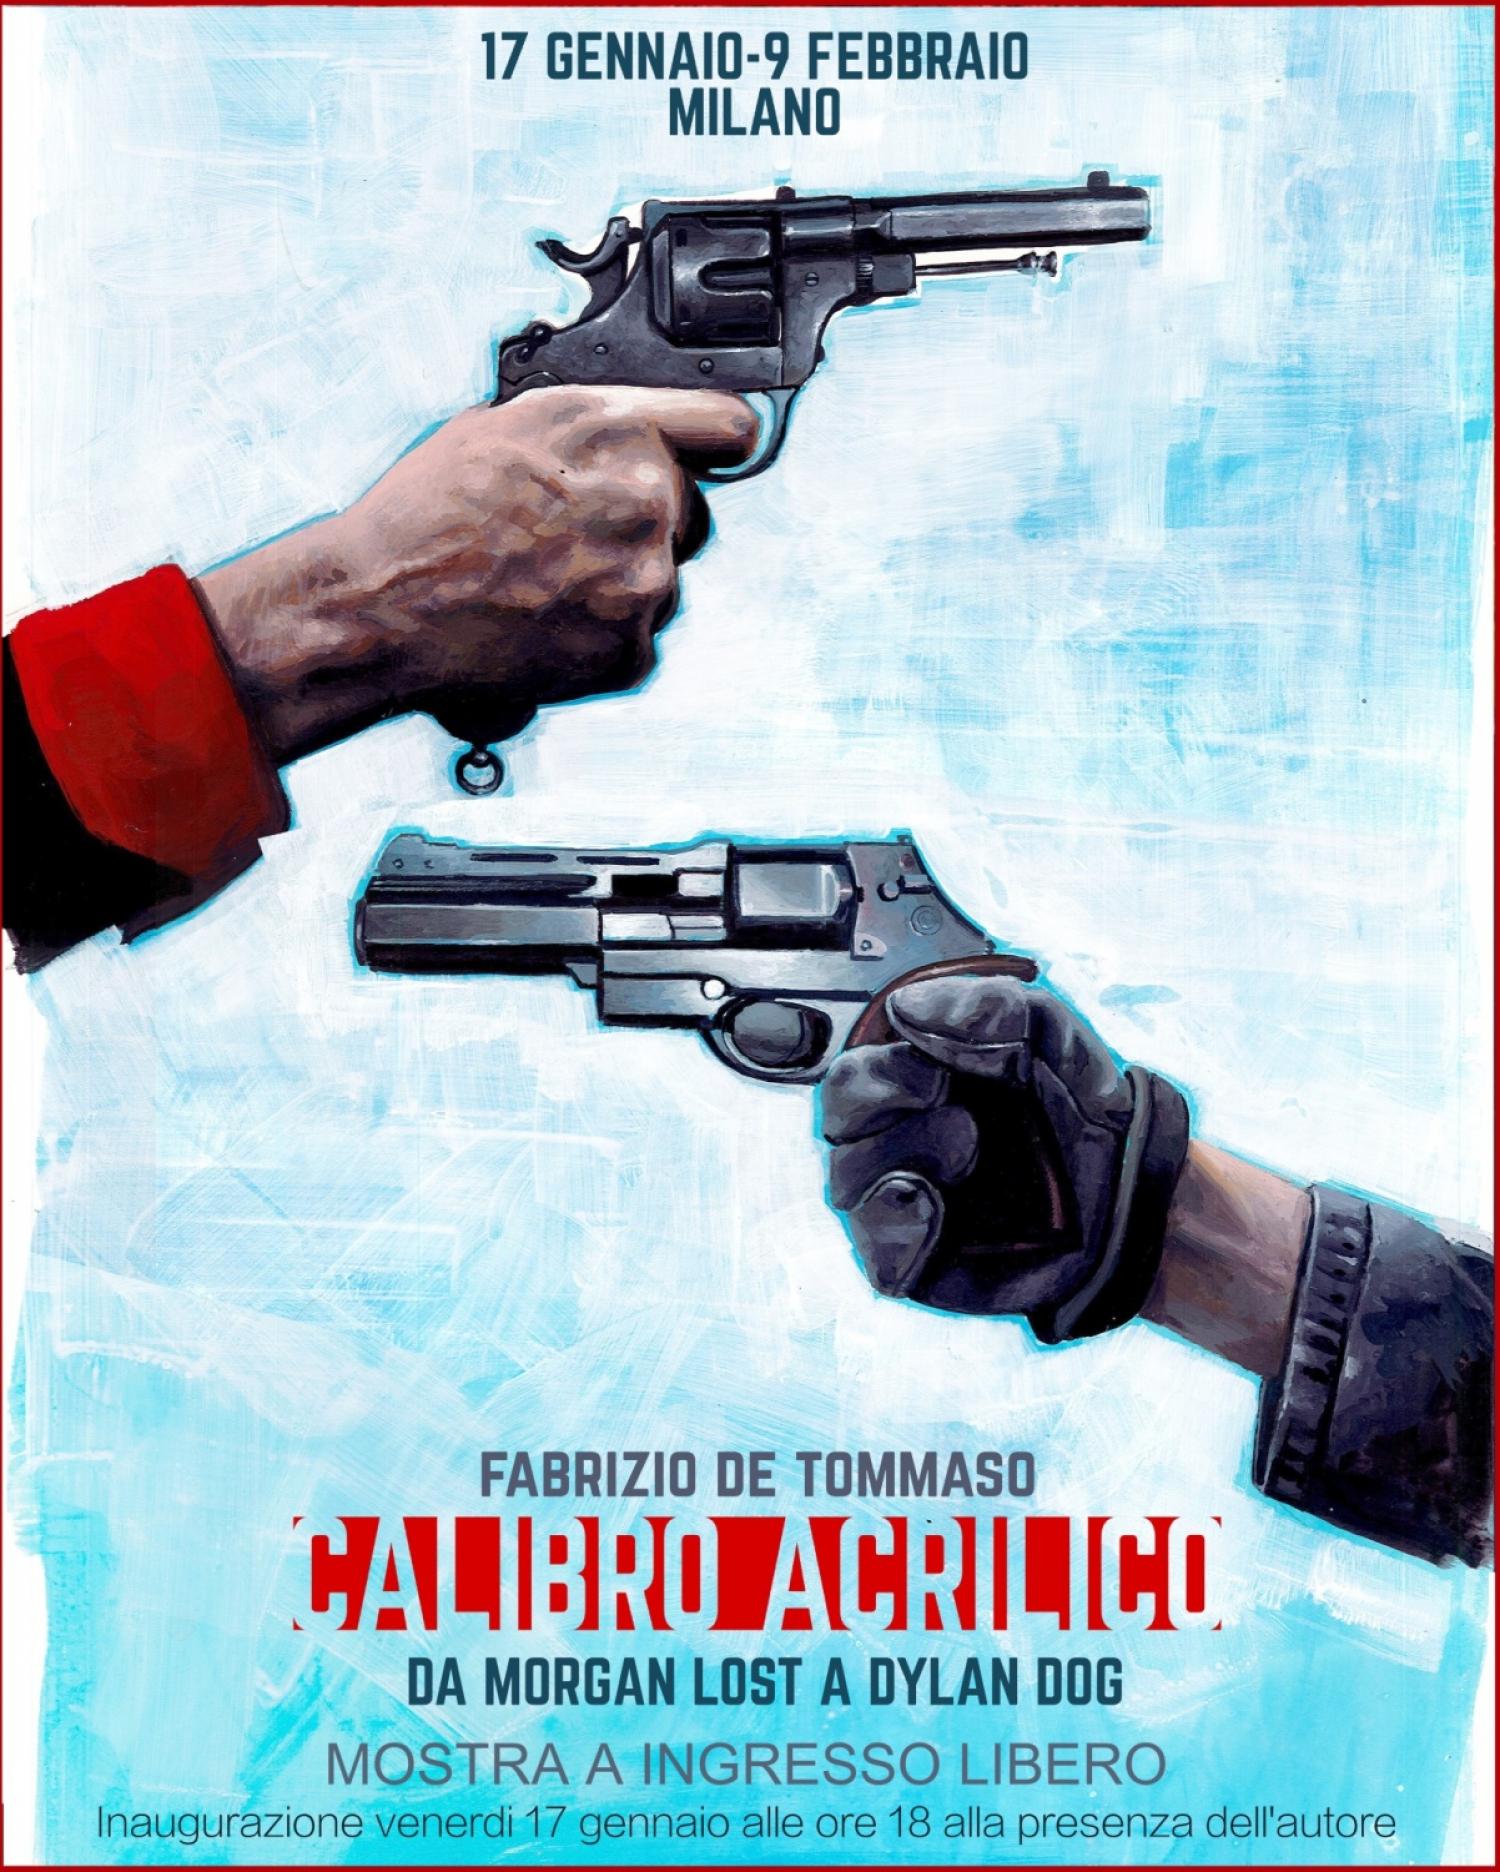 """<p><strong>&ldquo;Calibro Acrilico&rdquo; &egrave; la prima mostra personale dedicata a Fabrizio De Tommaso, disegnatore e illustratore</strong> che ha saputo approcciarsi in modo inedito e originale al ruolo di copertinista, illustrando&nbsp;in particolare&nbsp;le cover della serie&nbsp;<a target=""""_blank"""" href=""""https://www.sergiobonelli.it/sezioni/3445/morgan-lost""""><strong>Morgan Lost</strong></a>, personaggio ideato da Claudio Chiaverotti e pubblicato da <a target=""""_blank"""" href=""""https://www.sergiobonelli.it/"""">Sergio Bonelli Editore</a>. Morgan Lost rappresenta per&ograve; solo una parte della produzione di questo artista,&nbsp;disegnatore anche per Dylan Dog e che ha collaborato con aziende&nbsp;quali Ferrari, Sky Arte e Ford.</p><p>Nato a Brindisi il 5 febbraio 1985 e appassionato di disegno sin dall&rsquo;infanzia, <strong>Fabrizio De Tommaso</strong> decide di farne la sua professione in terza superiore. Dopo il diploma si iscrive alla Scuola Internazionale di Comics a Roma. Nel 2007 si diploma e vince una borsa di studio che lo porter&agrave; all&rsquo;ICAIC di Cuba, per uno stage di animazione. Esordisce come fumettista disegnando per &ldquo;iComics&rdquo; (Kawama Editoriale) e &ldquo;Xcomics&rdquo; (Coniglio Editore). Dal 2009 insegna fumetto presso la Scuola Internazionale di Comics. <strong>La sua consacrazione arriva nell&rsquo;ottobre 2015 con le copertine della serie Morgan Lost</strong>, creata per Sergio Bonelli Editore dallo sceneggiatore Claudio Chiaverotti e che ha come protagonista un cacciatore di taglie&nbsp;a New Heliopolis, citt&agrave; sconvolta dal crimine&nbsp;dove i serial killer sembrano poter operare indisturbati. Le copertine di Morgan Lost&nbsp;colpiscono subito per lo stile pittorico, le atmosfere dark e disturbanti,&nbsp;dove&nbsp;spesso il protagonista nemmeno compare: una scelta piuttosto insolita per la tradizione Bonelli.</p><p><strong>La mostra &ldquo;Calibro Acrilico&rdquo; ripercorre la carriera di Fabrizio De Tommaso con l&rs"""